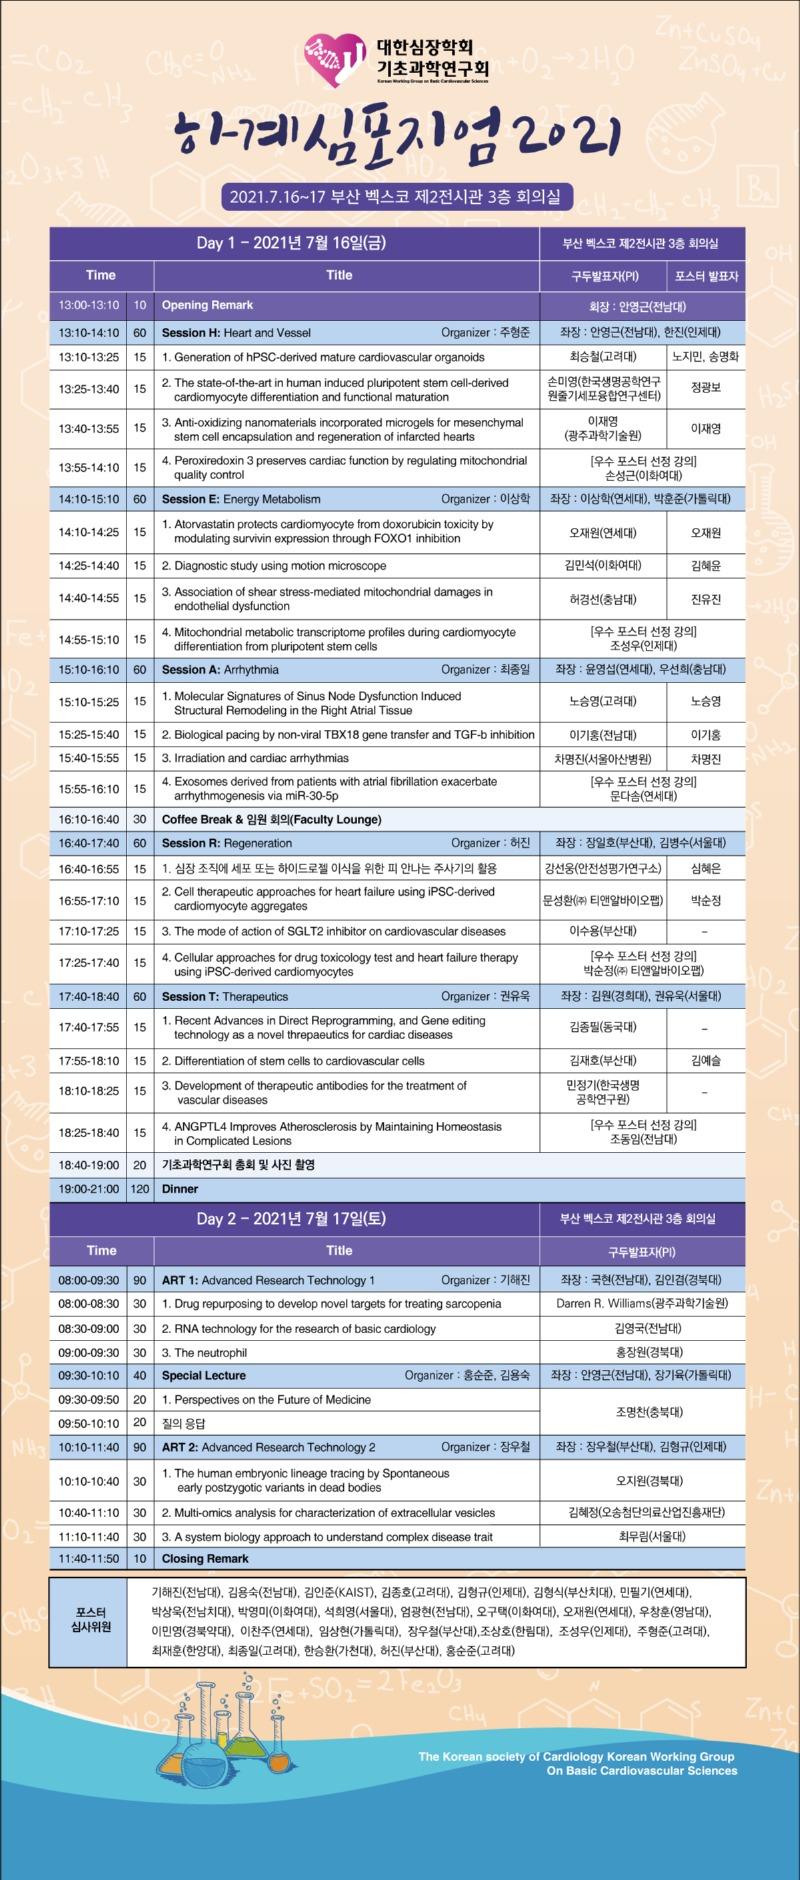 기과연 하계 2021 프로그램(고용량).jpg